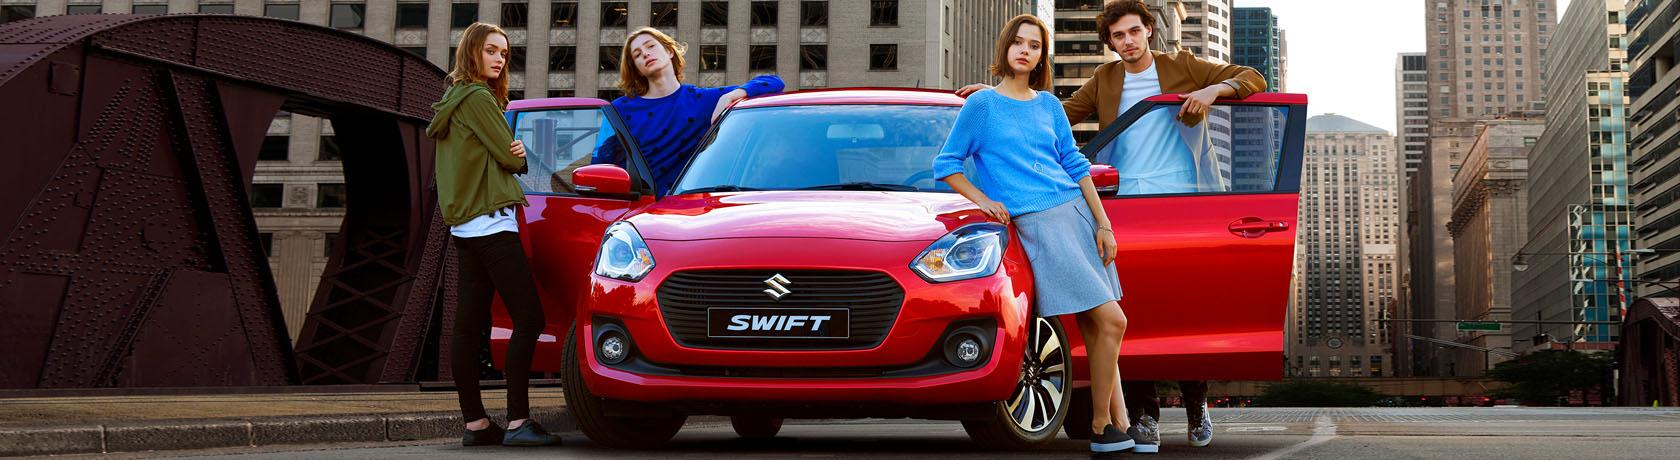 New Swift for sale in Brisbane - Q Suzuki